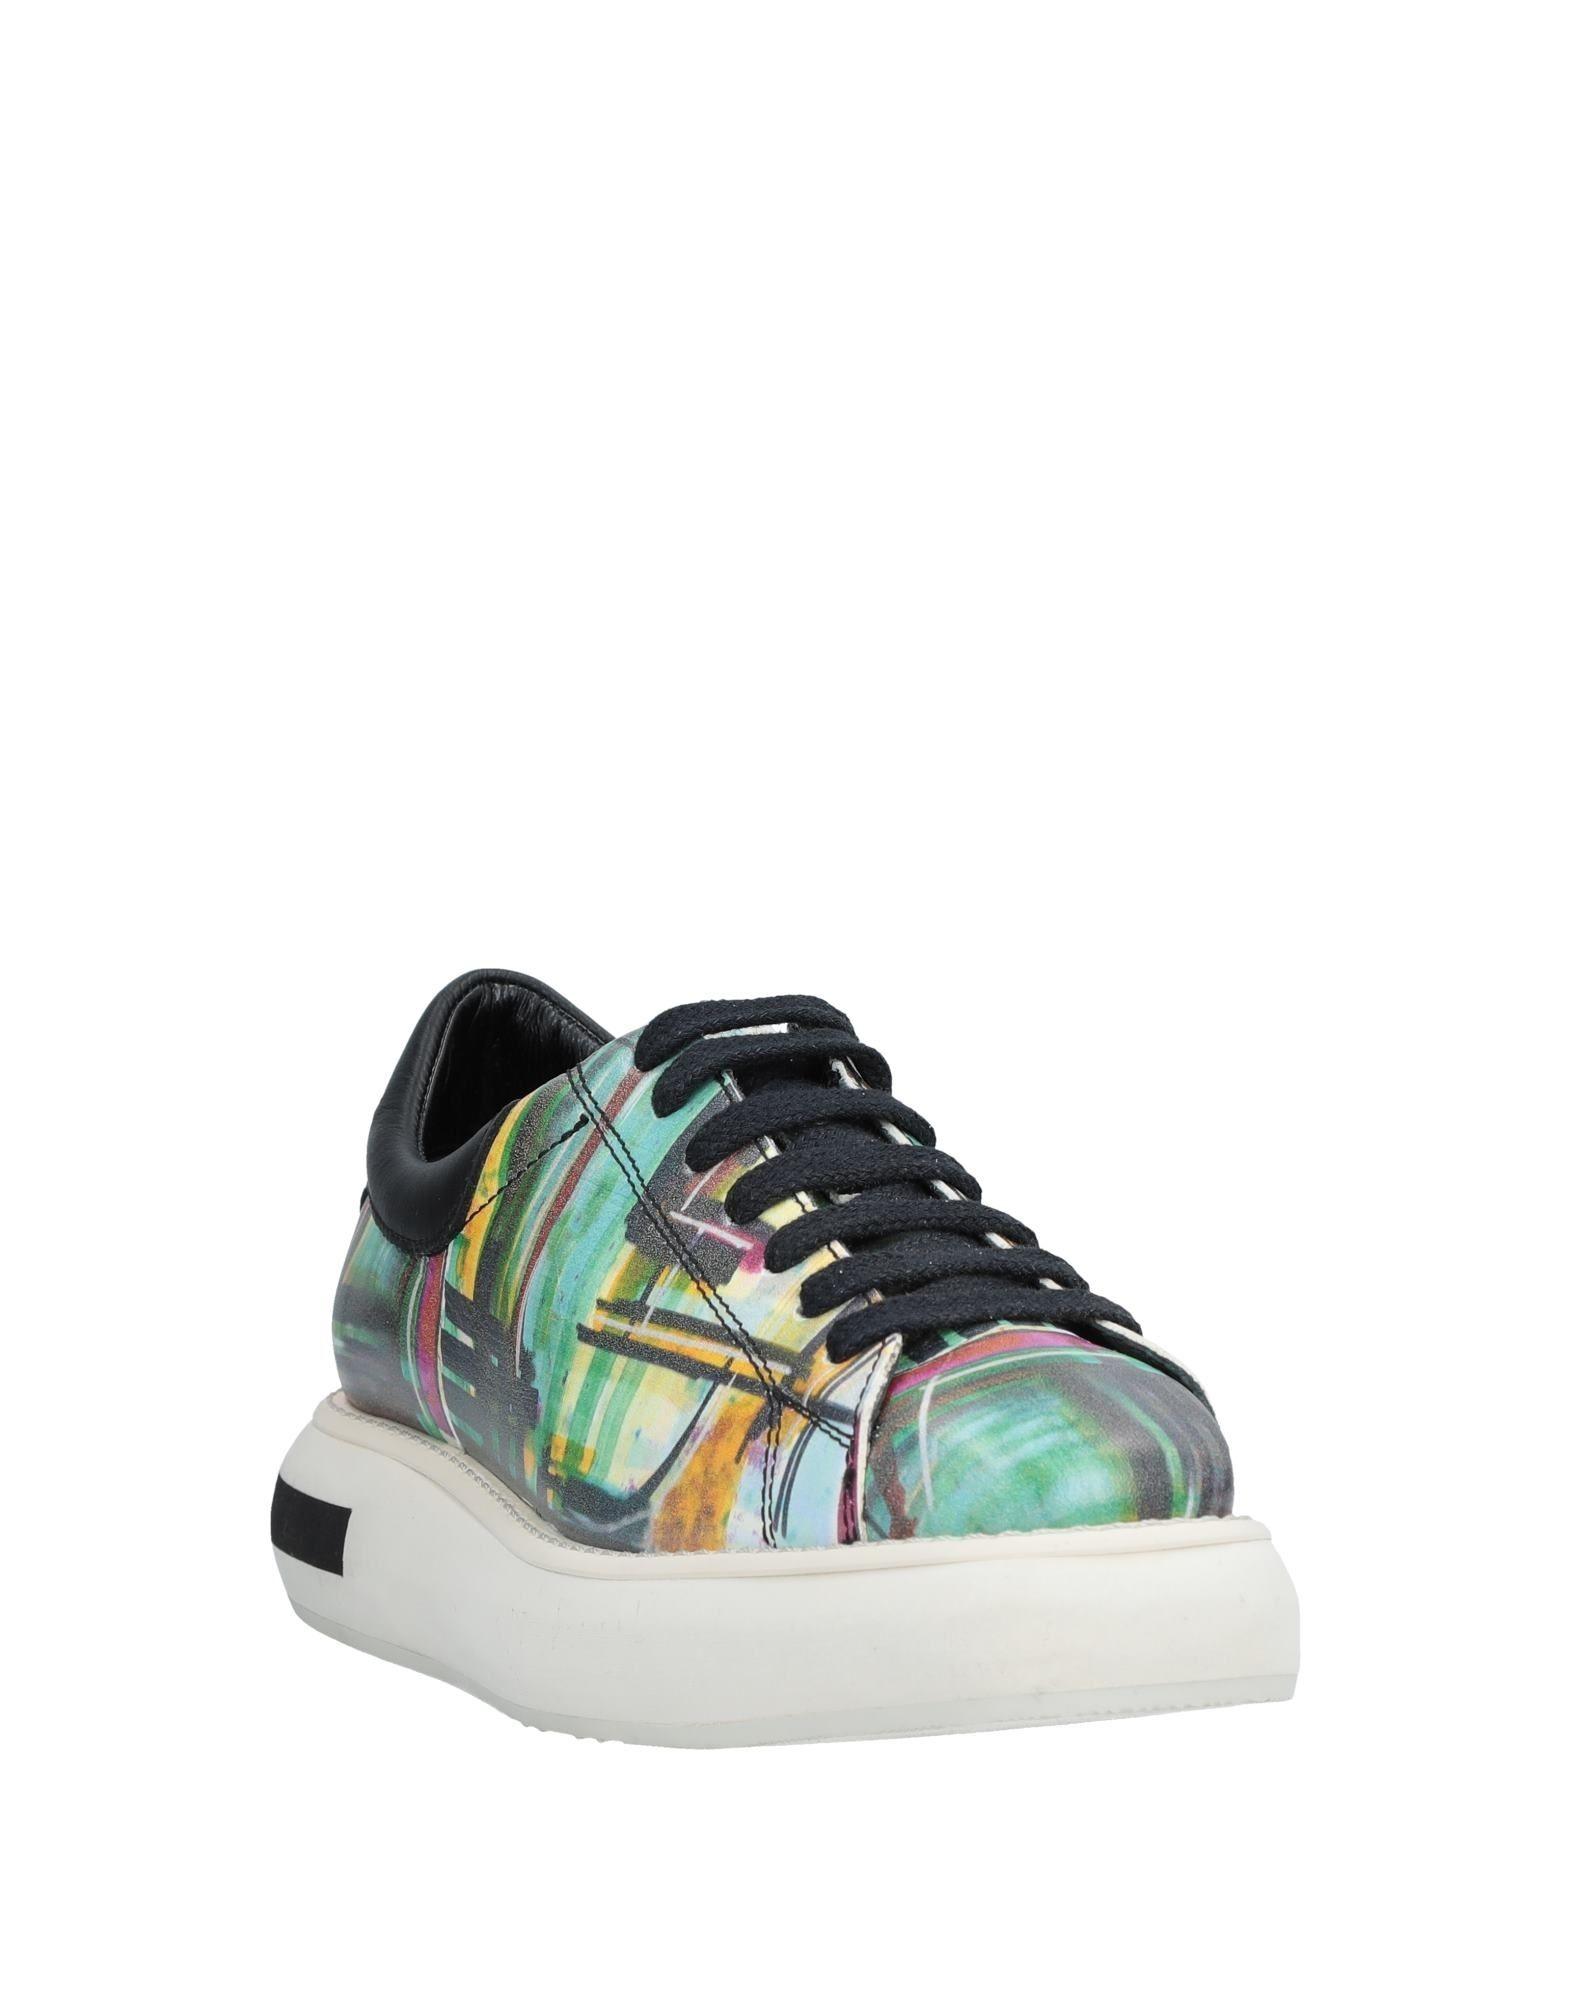 Manuel Barceló Neue Sneakers Damen  11538918RO Neue Barceló Schuhe a4130b